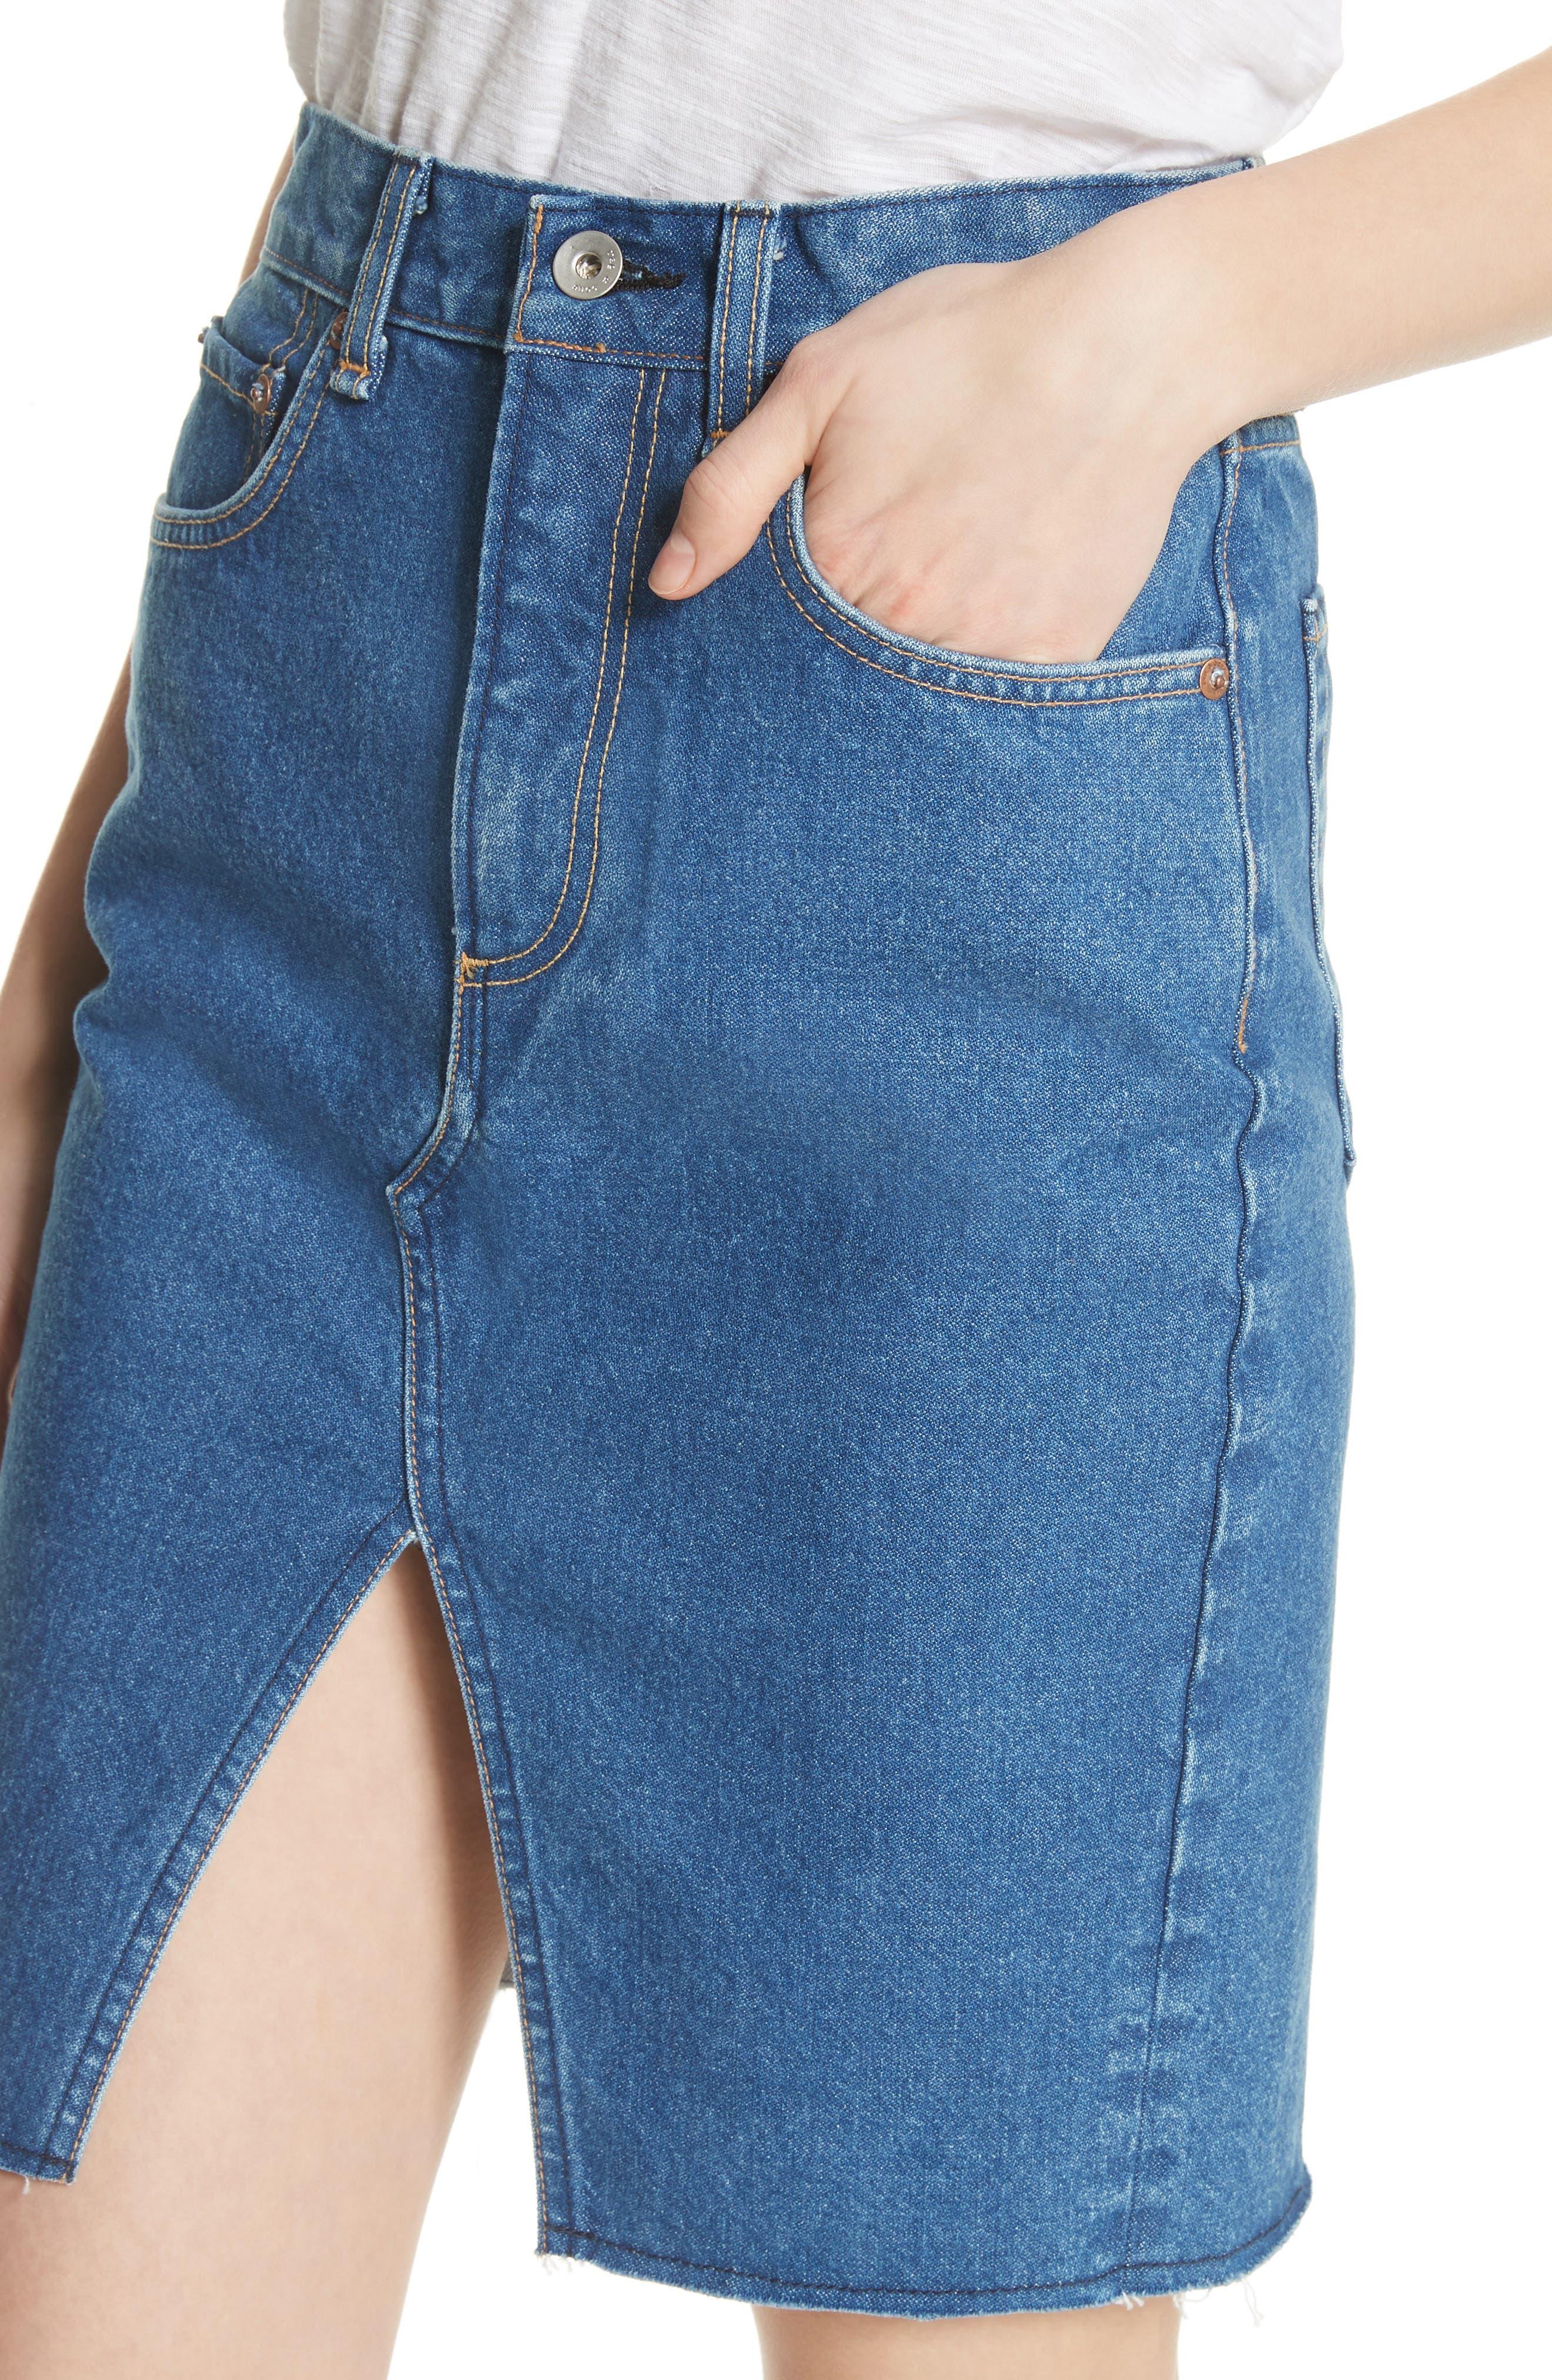 Suji Denim Skirt,                             Alternate thumbnail 4, color,                             401